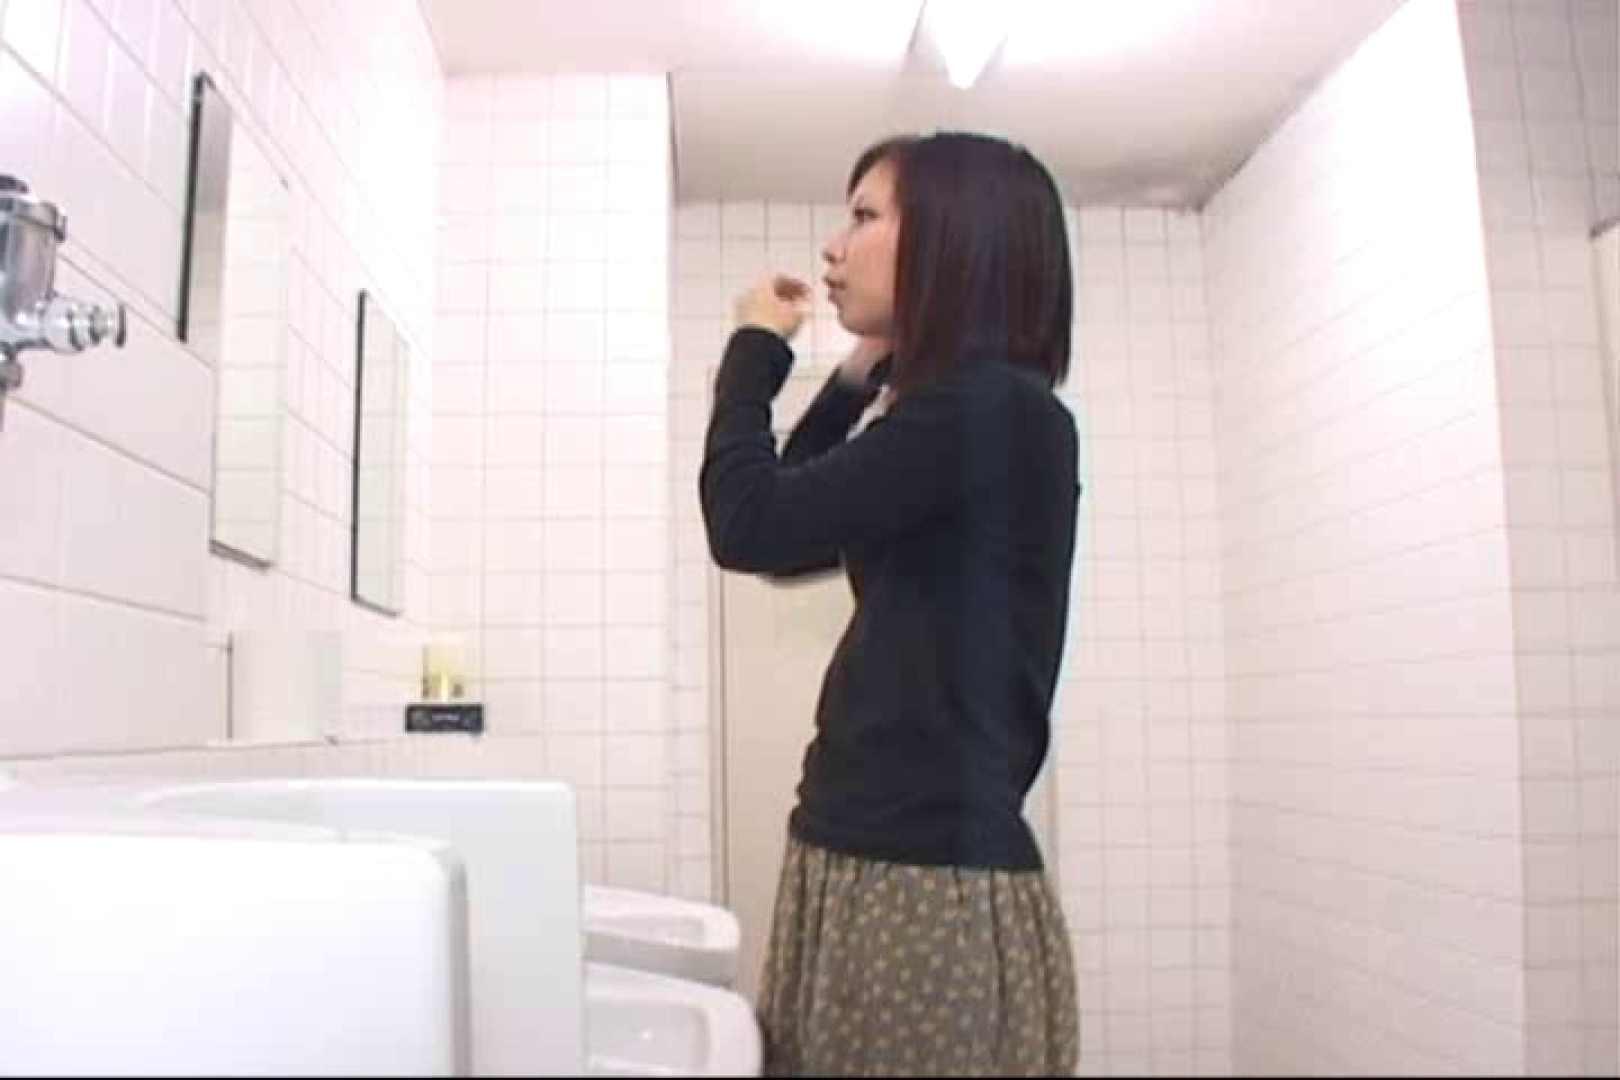 雑居ビル洗面所只今使用禁止中!Vol.5 OLセックス 覗きおまんこ画像 50画像 14